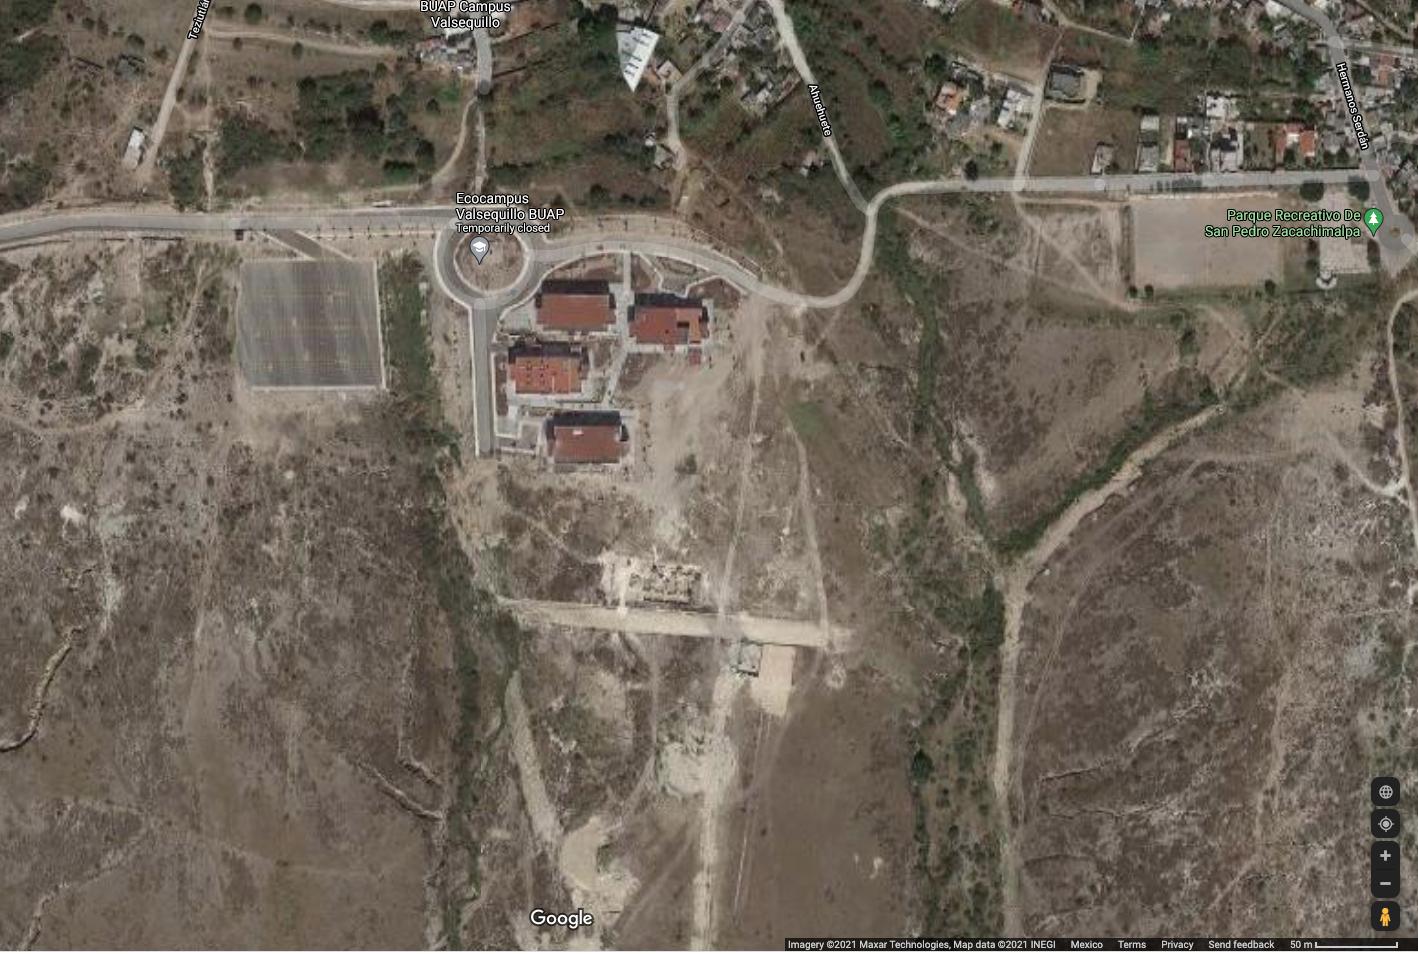 El fraude que esconde el Ecocampus  Valsequillo de la BUAP: Los muertos en el clóset de Enrique Agüera